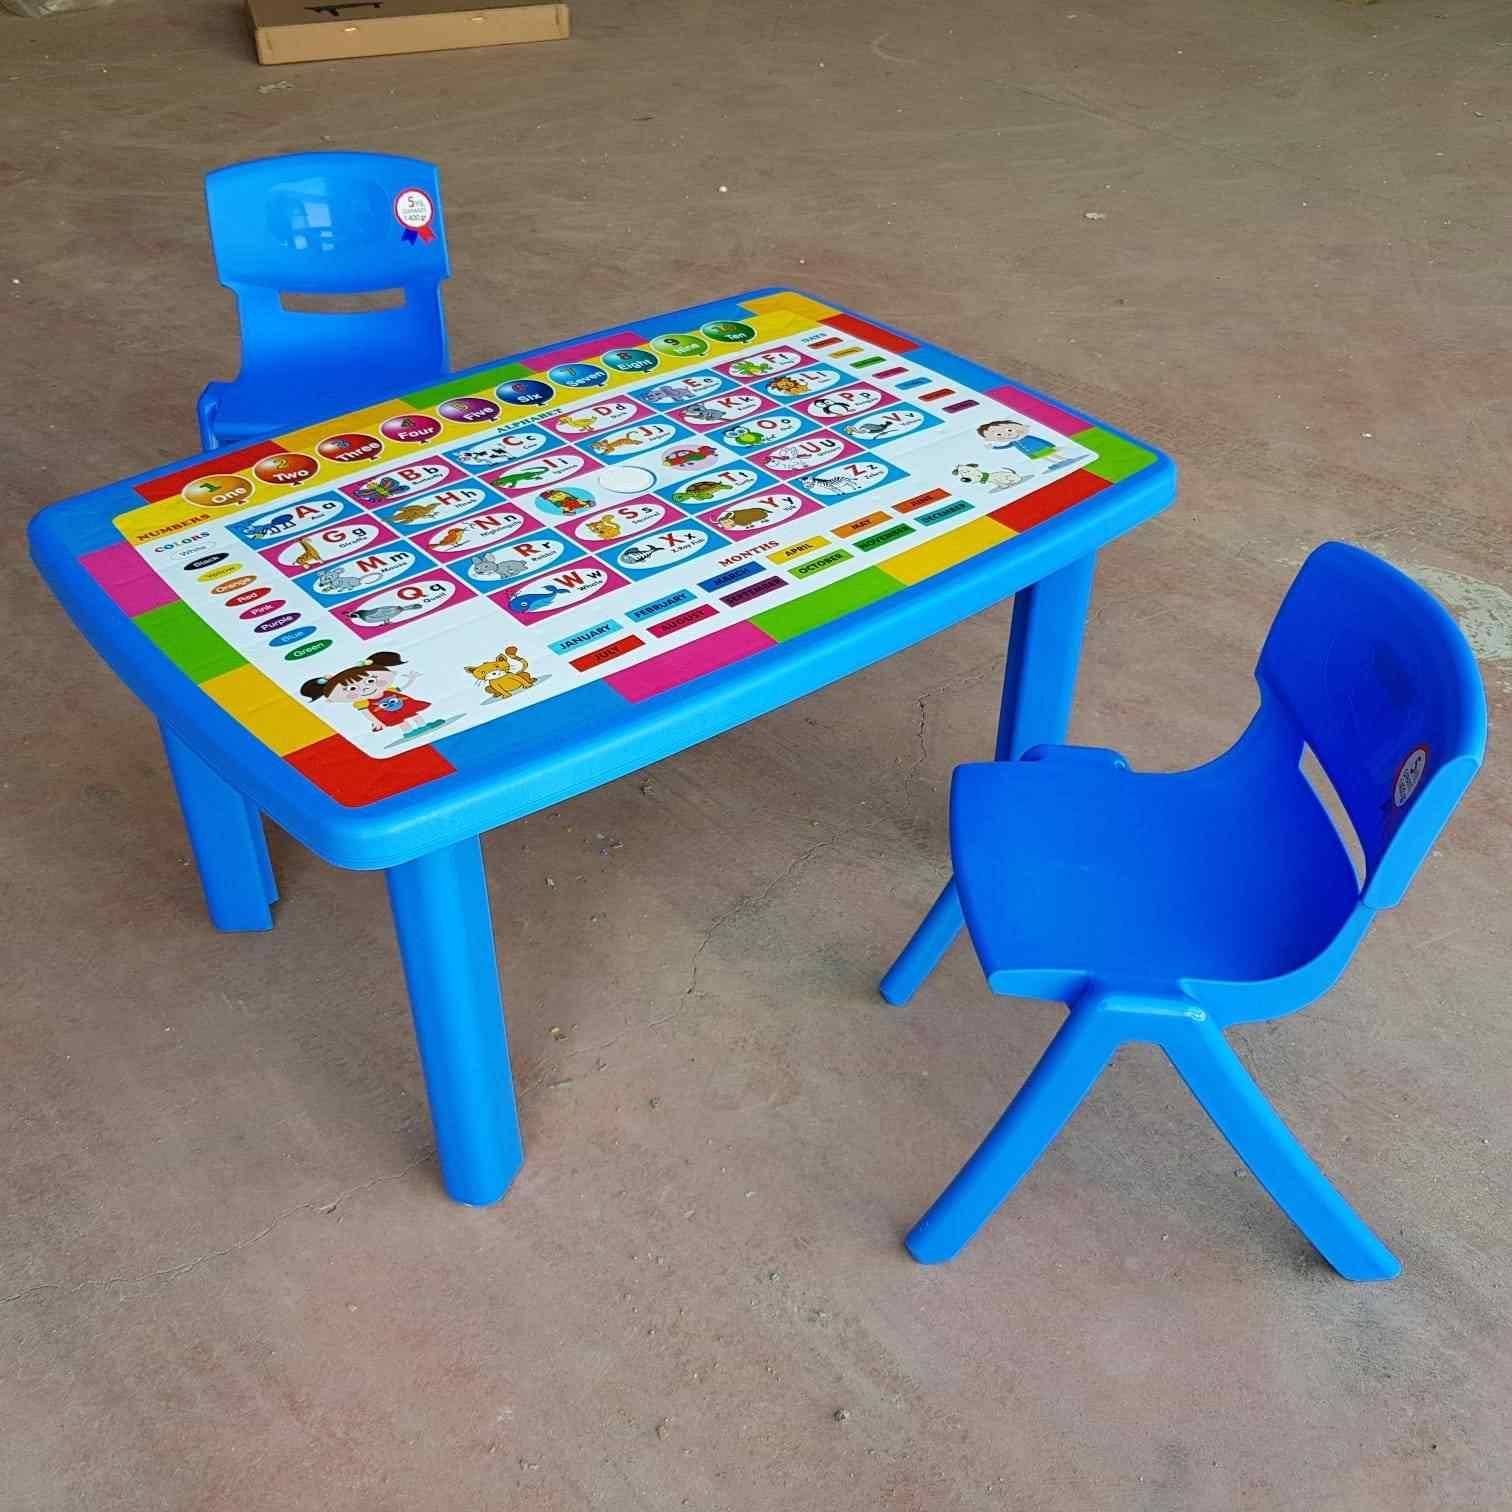 Holiday Çocuk Masa Seti Türkçe Desenli Eğitici Masa +2 Sandalye